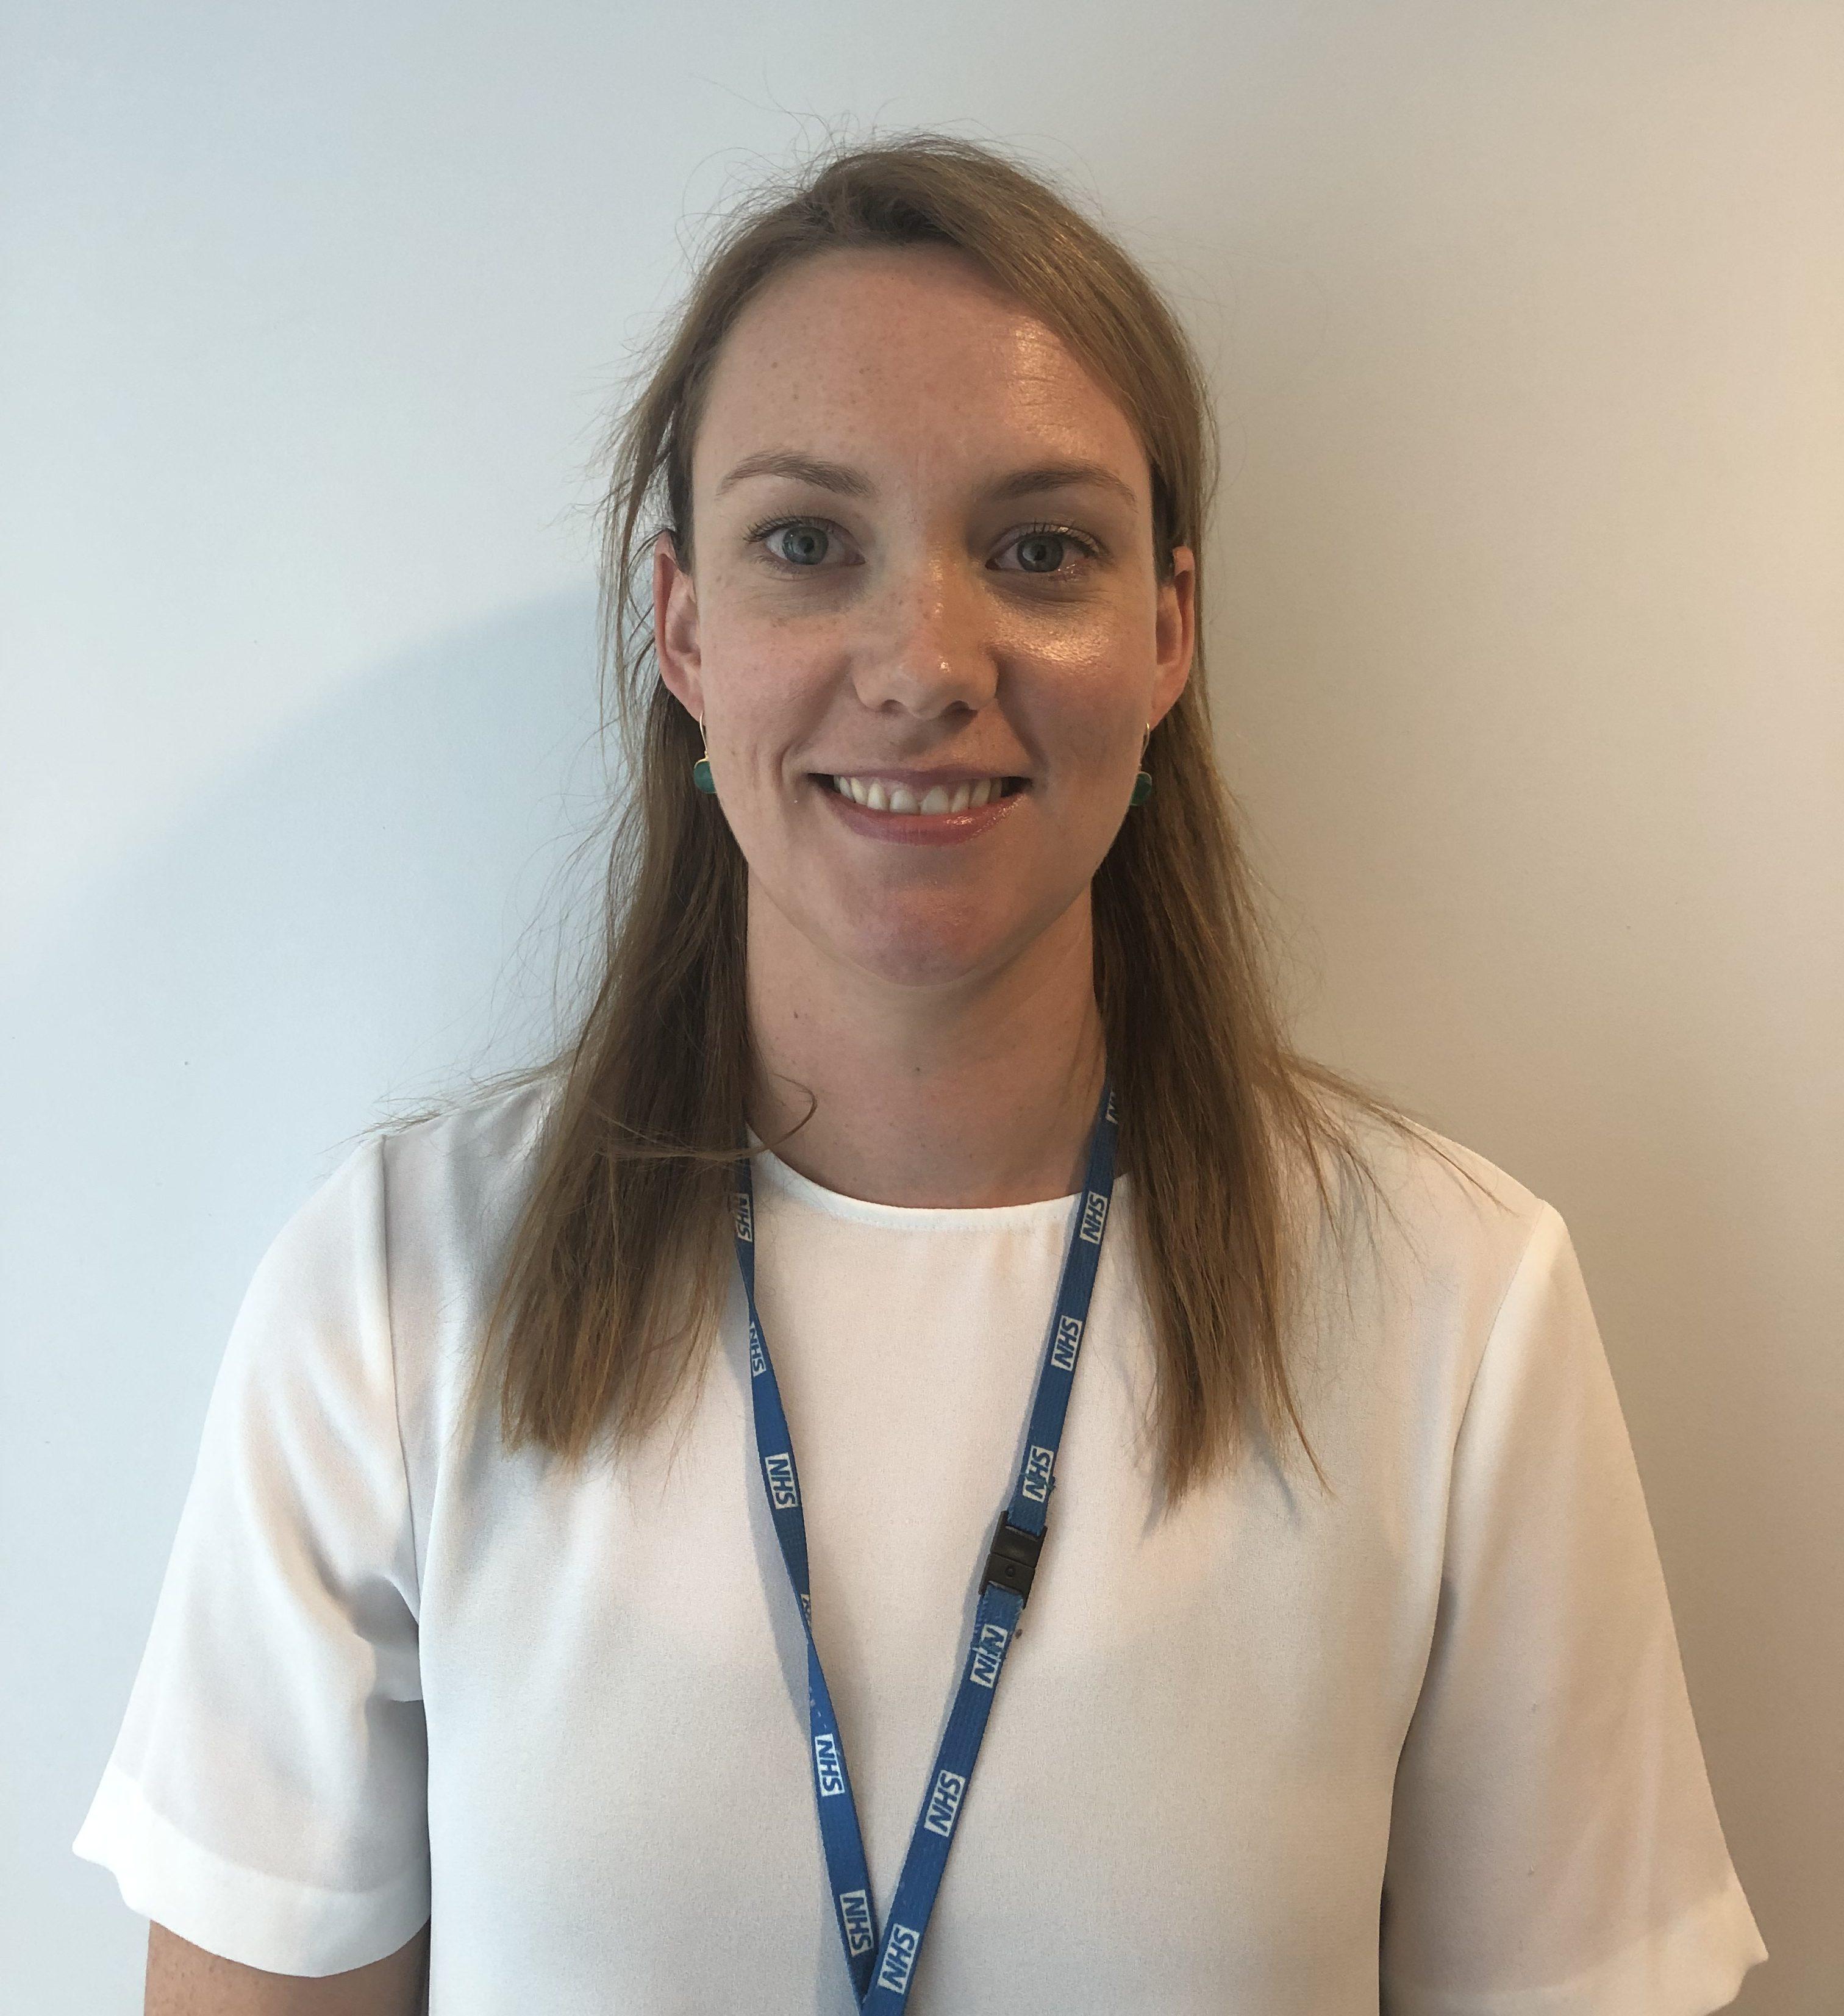 Dr Helen Lamplough